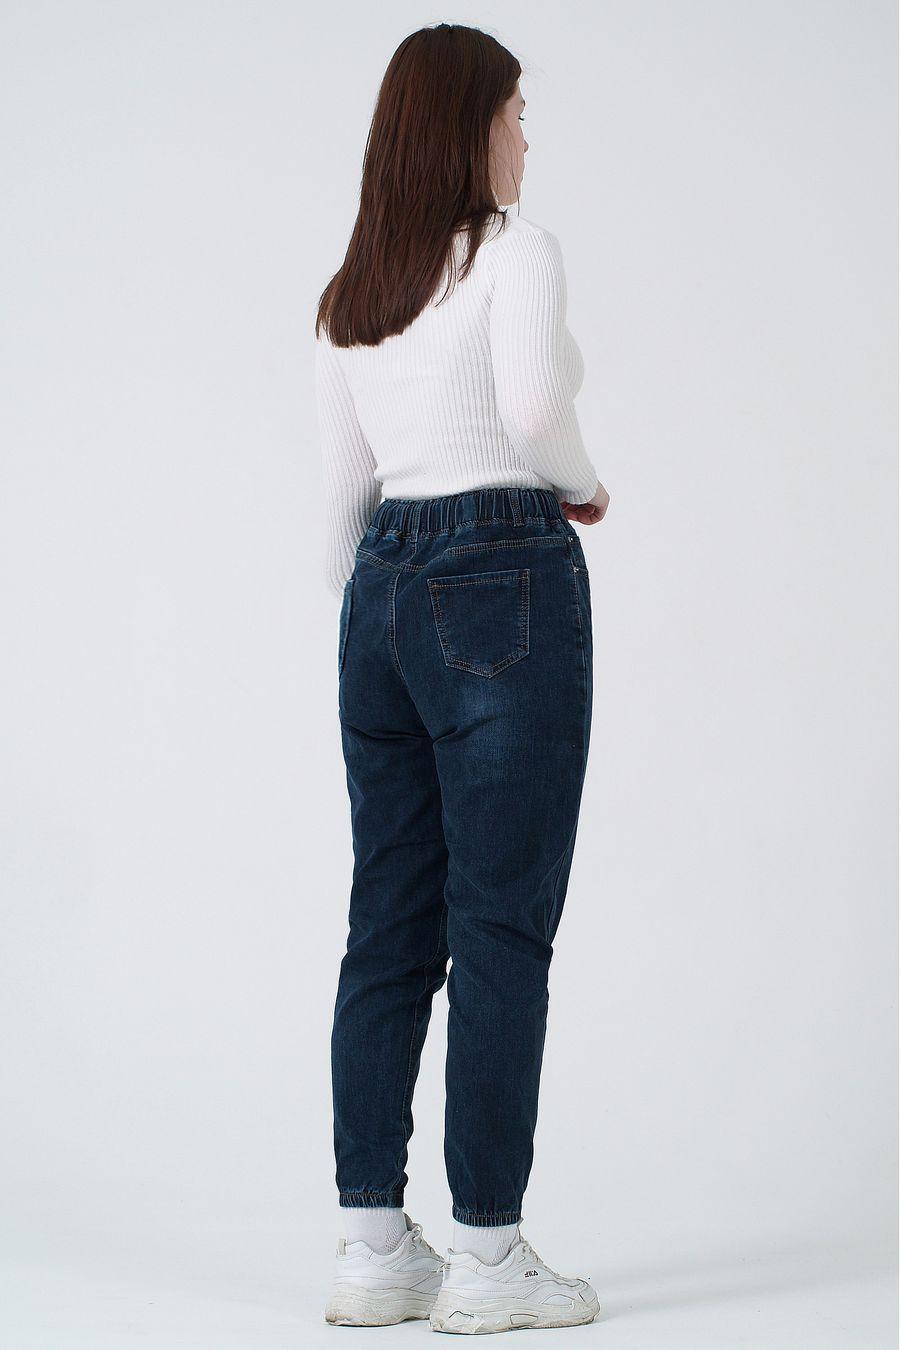 Джинсы женские K.Y Jeans 091 утепленные - фото 2